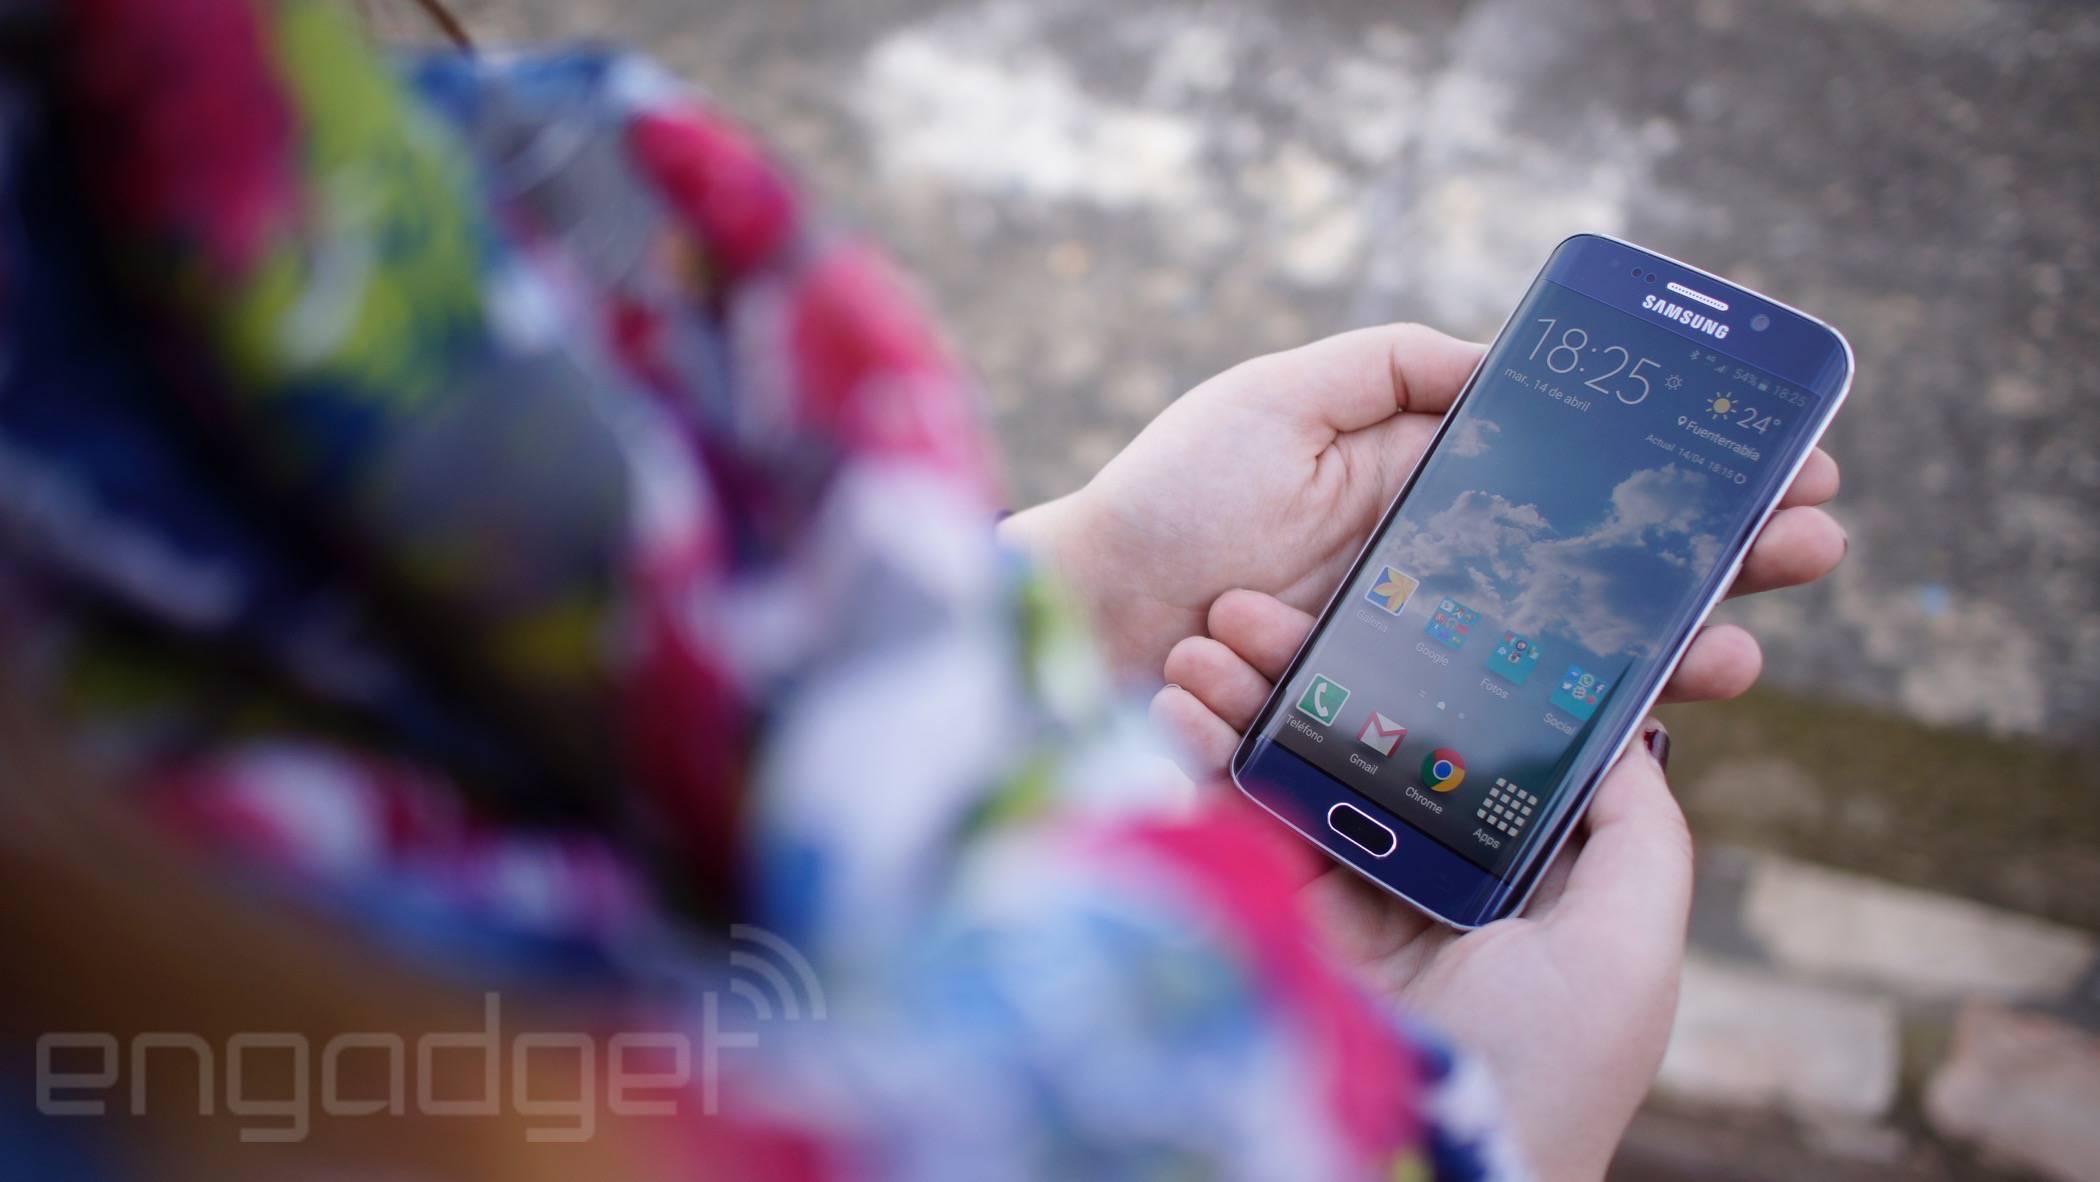 Samsung Galaxy S6 Edge, análisis: el futuro era curvado